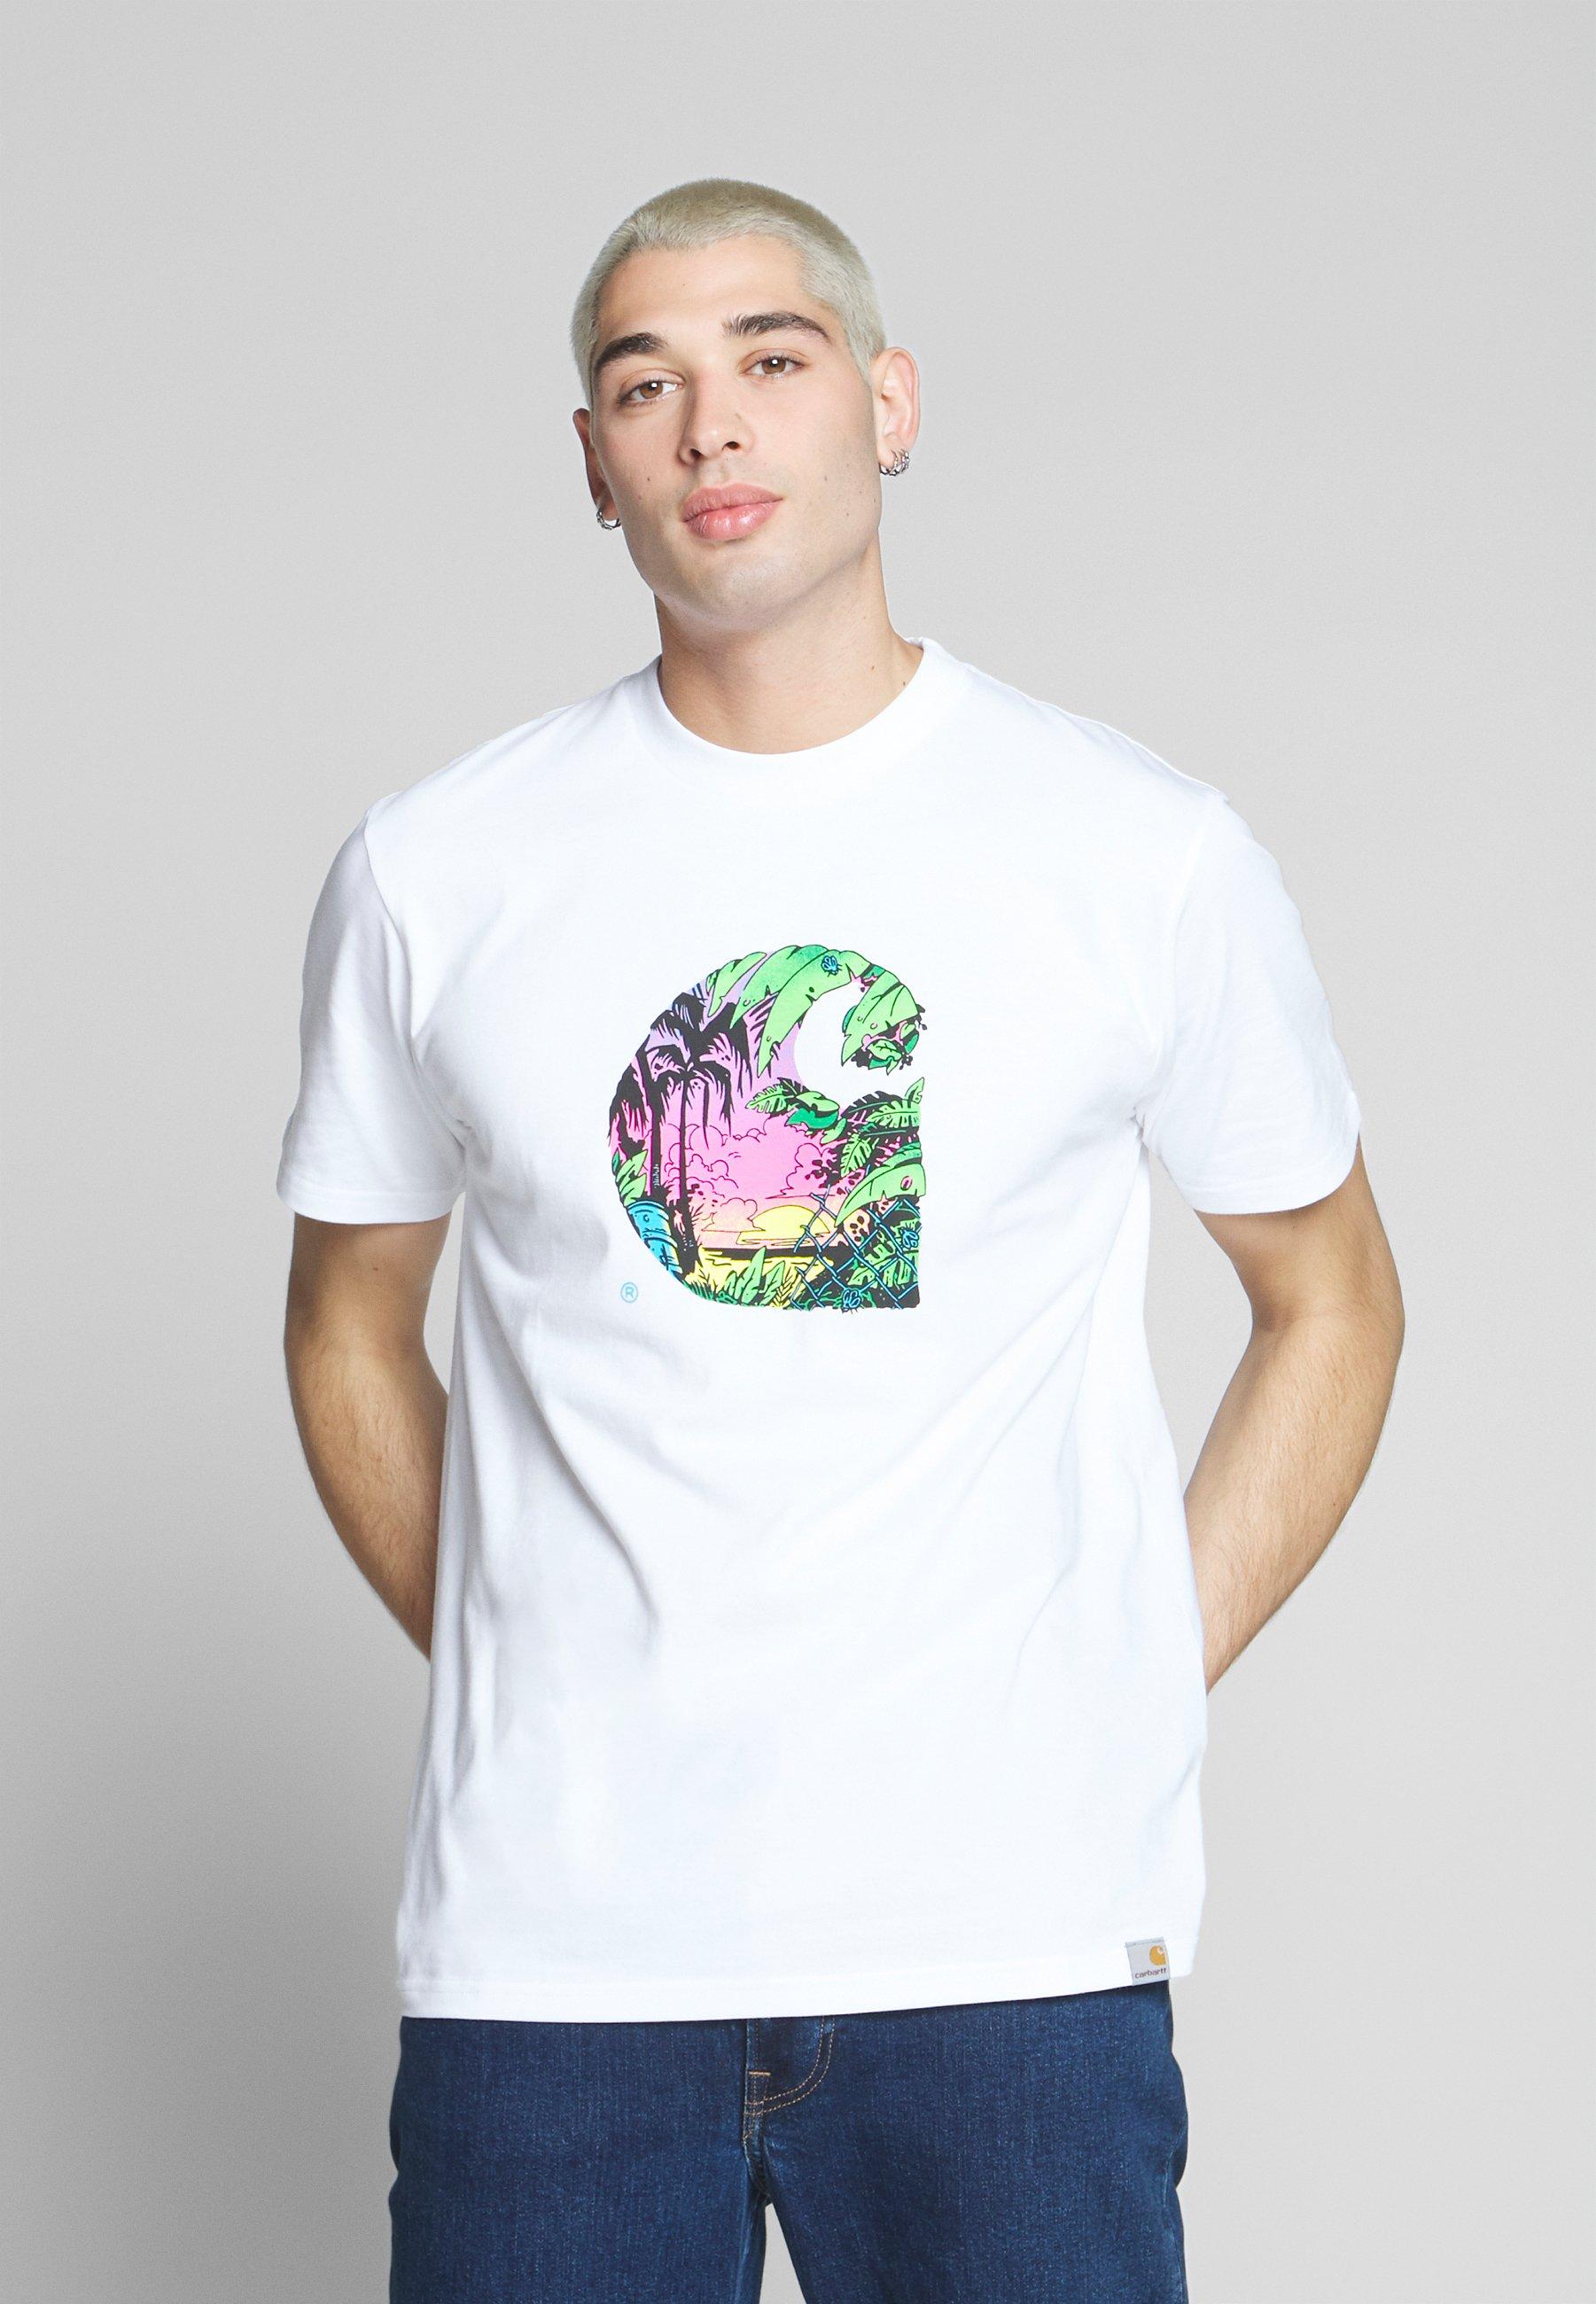 Dobra sprzedaż Gorąca wyprzedaż Carhartt WIP SUNSET  - T-shirt z nadrukiem - white | Odzież męska 2020 197Xv